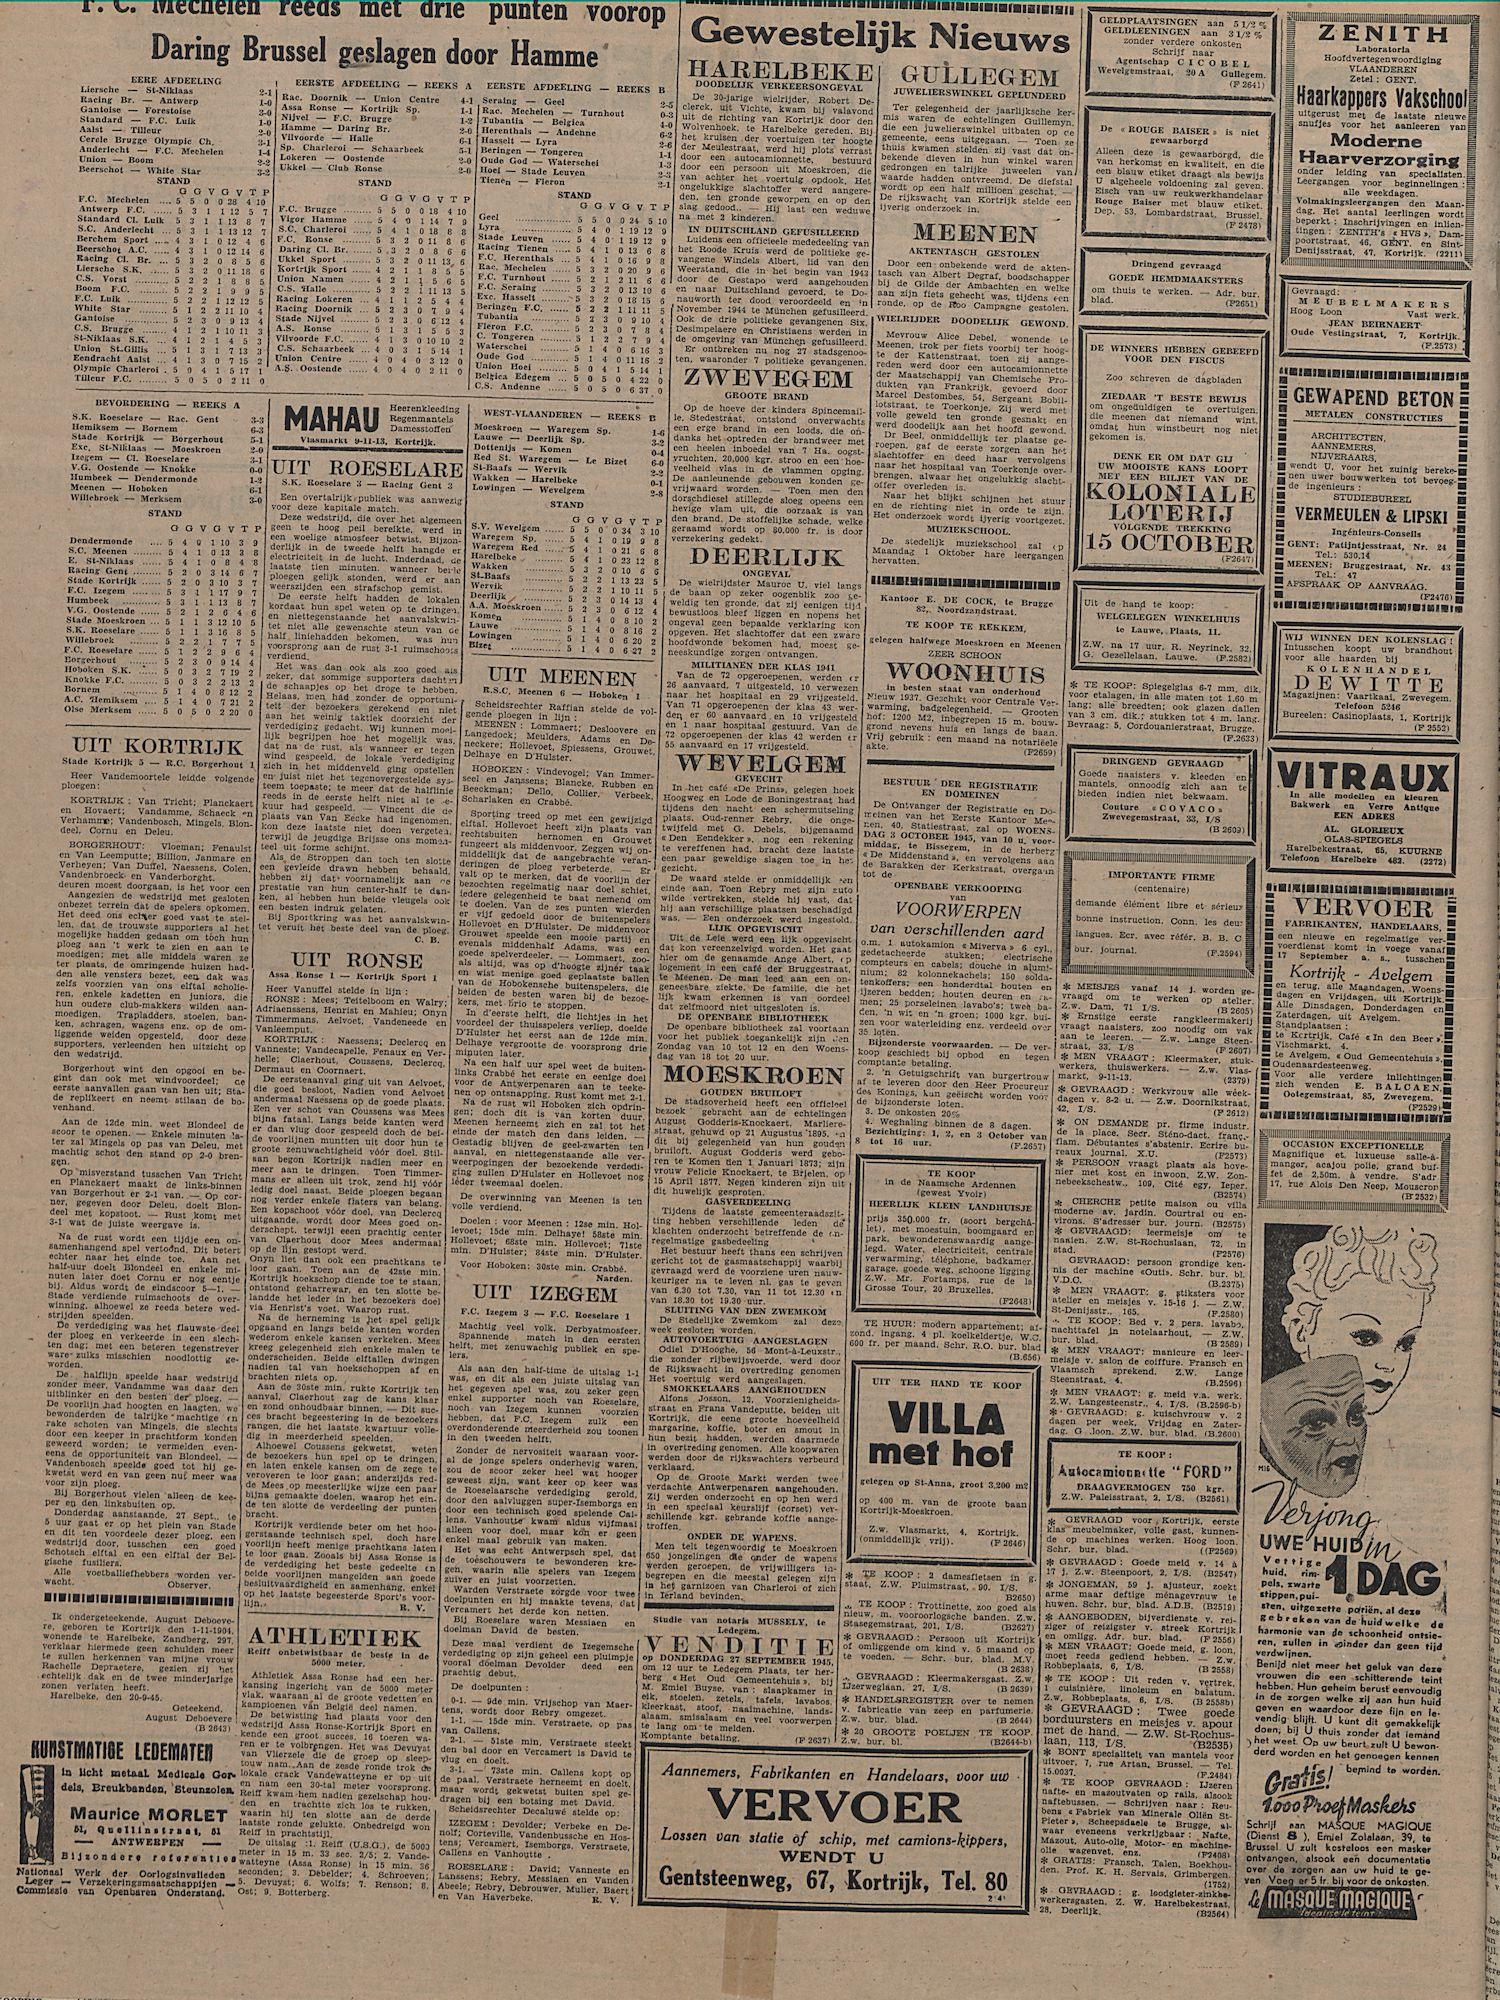 Kortrijksch Handelsblad 26 september 1945 Nr77 p2